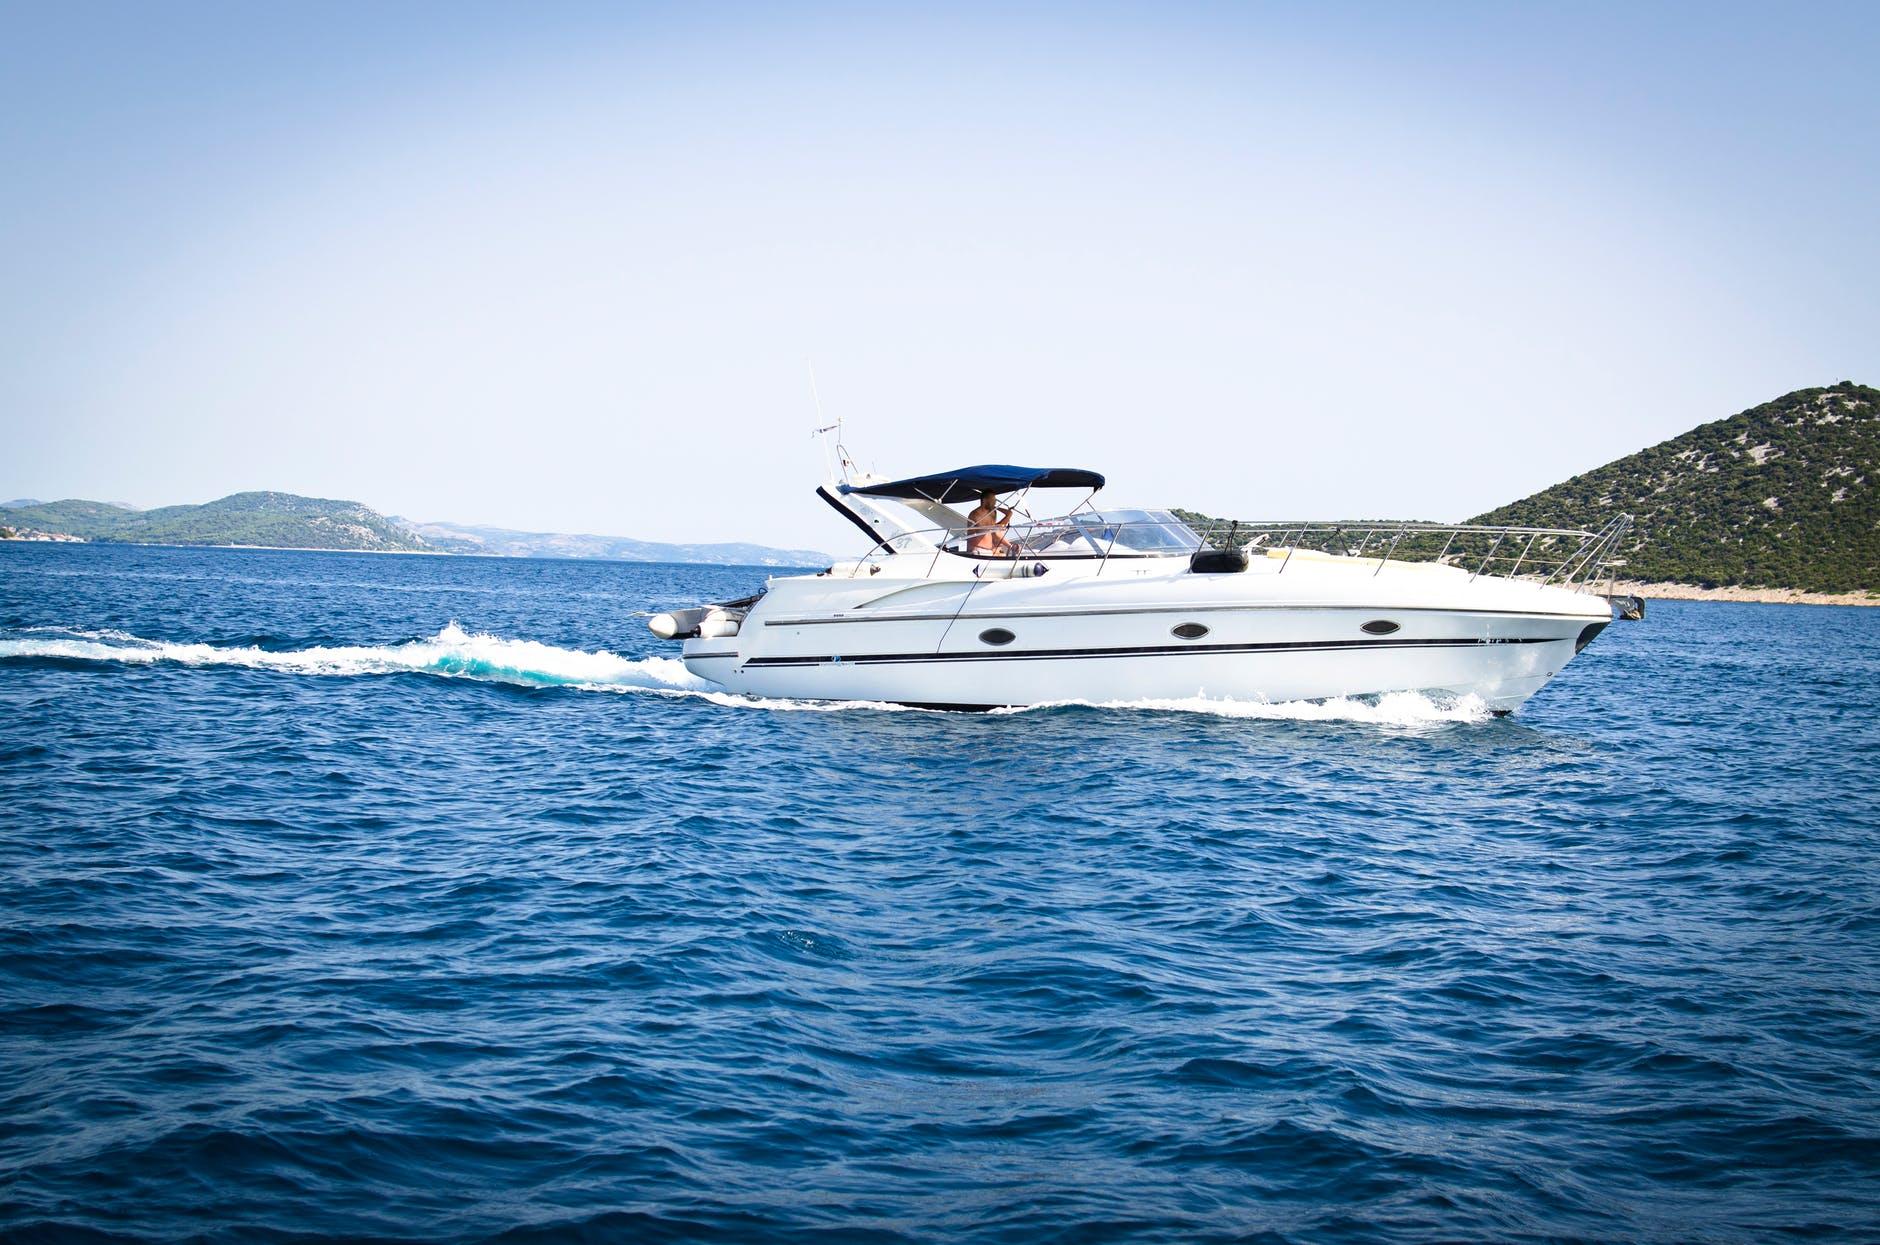 barca cu motor pe apa